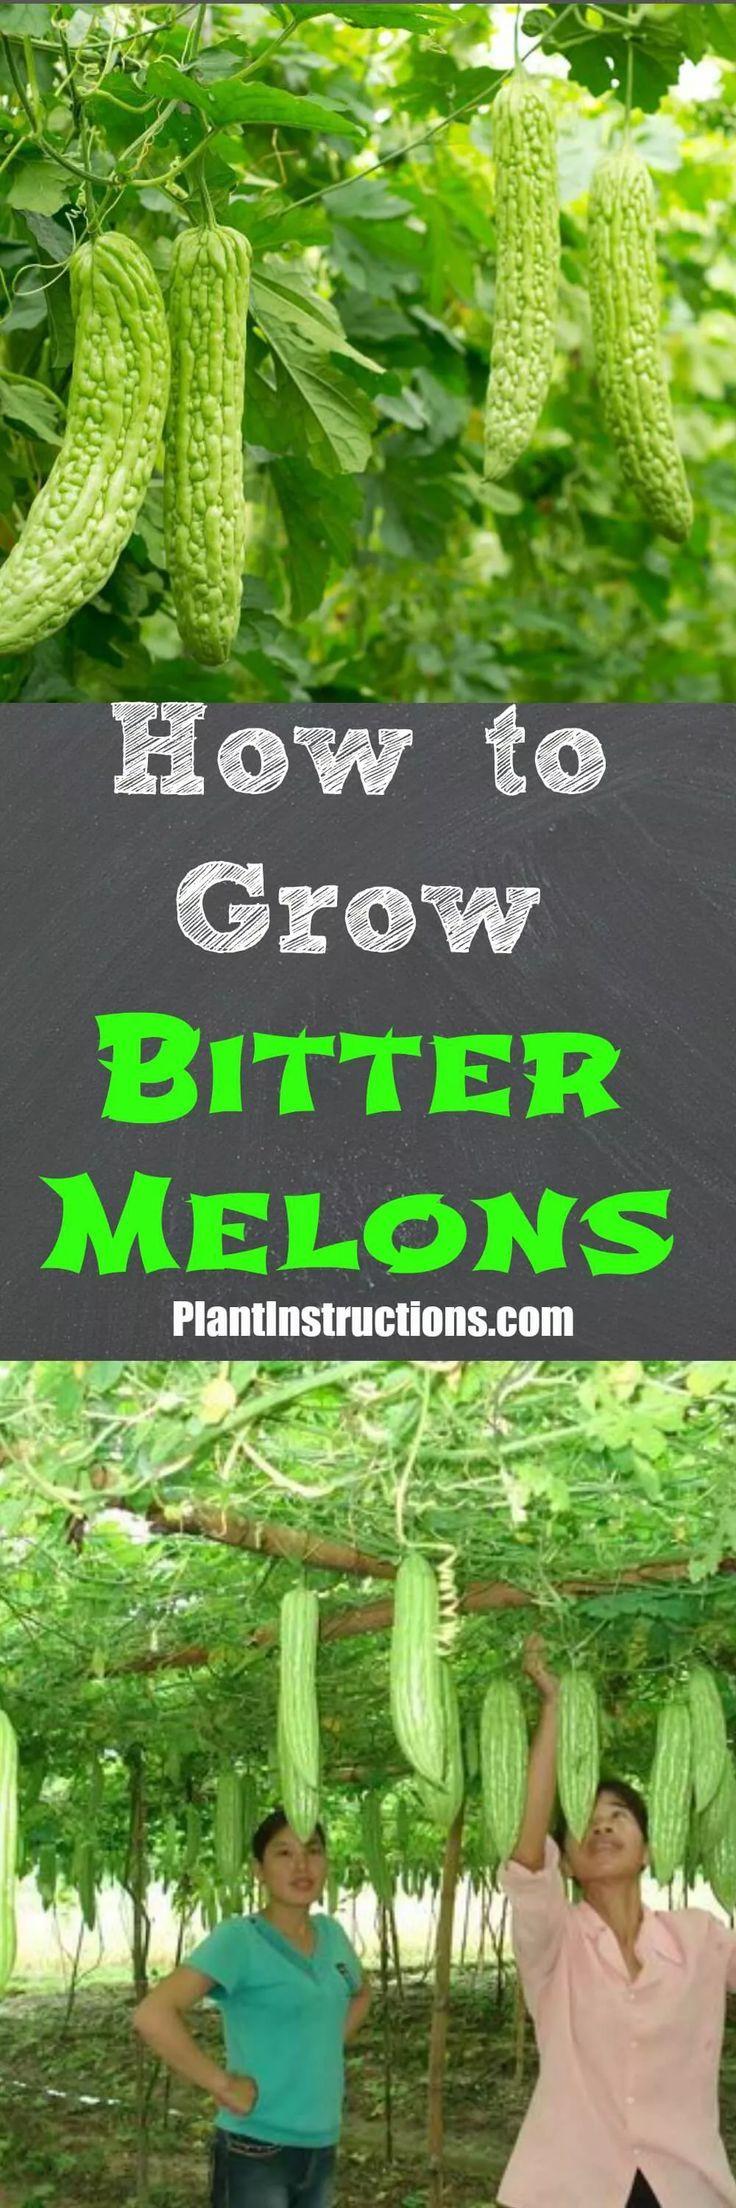 Wie man bittere Melone wächst Wie man bittere Melone wächst,